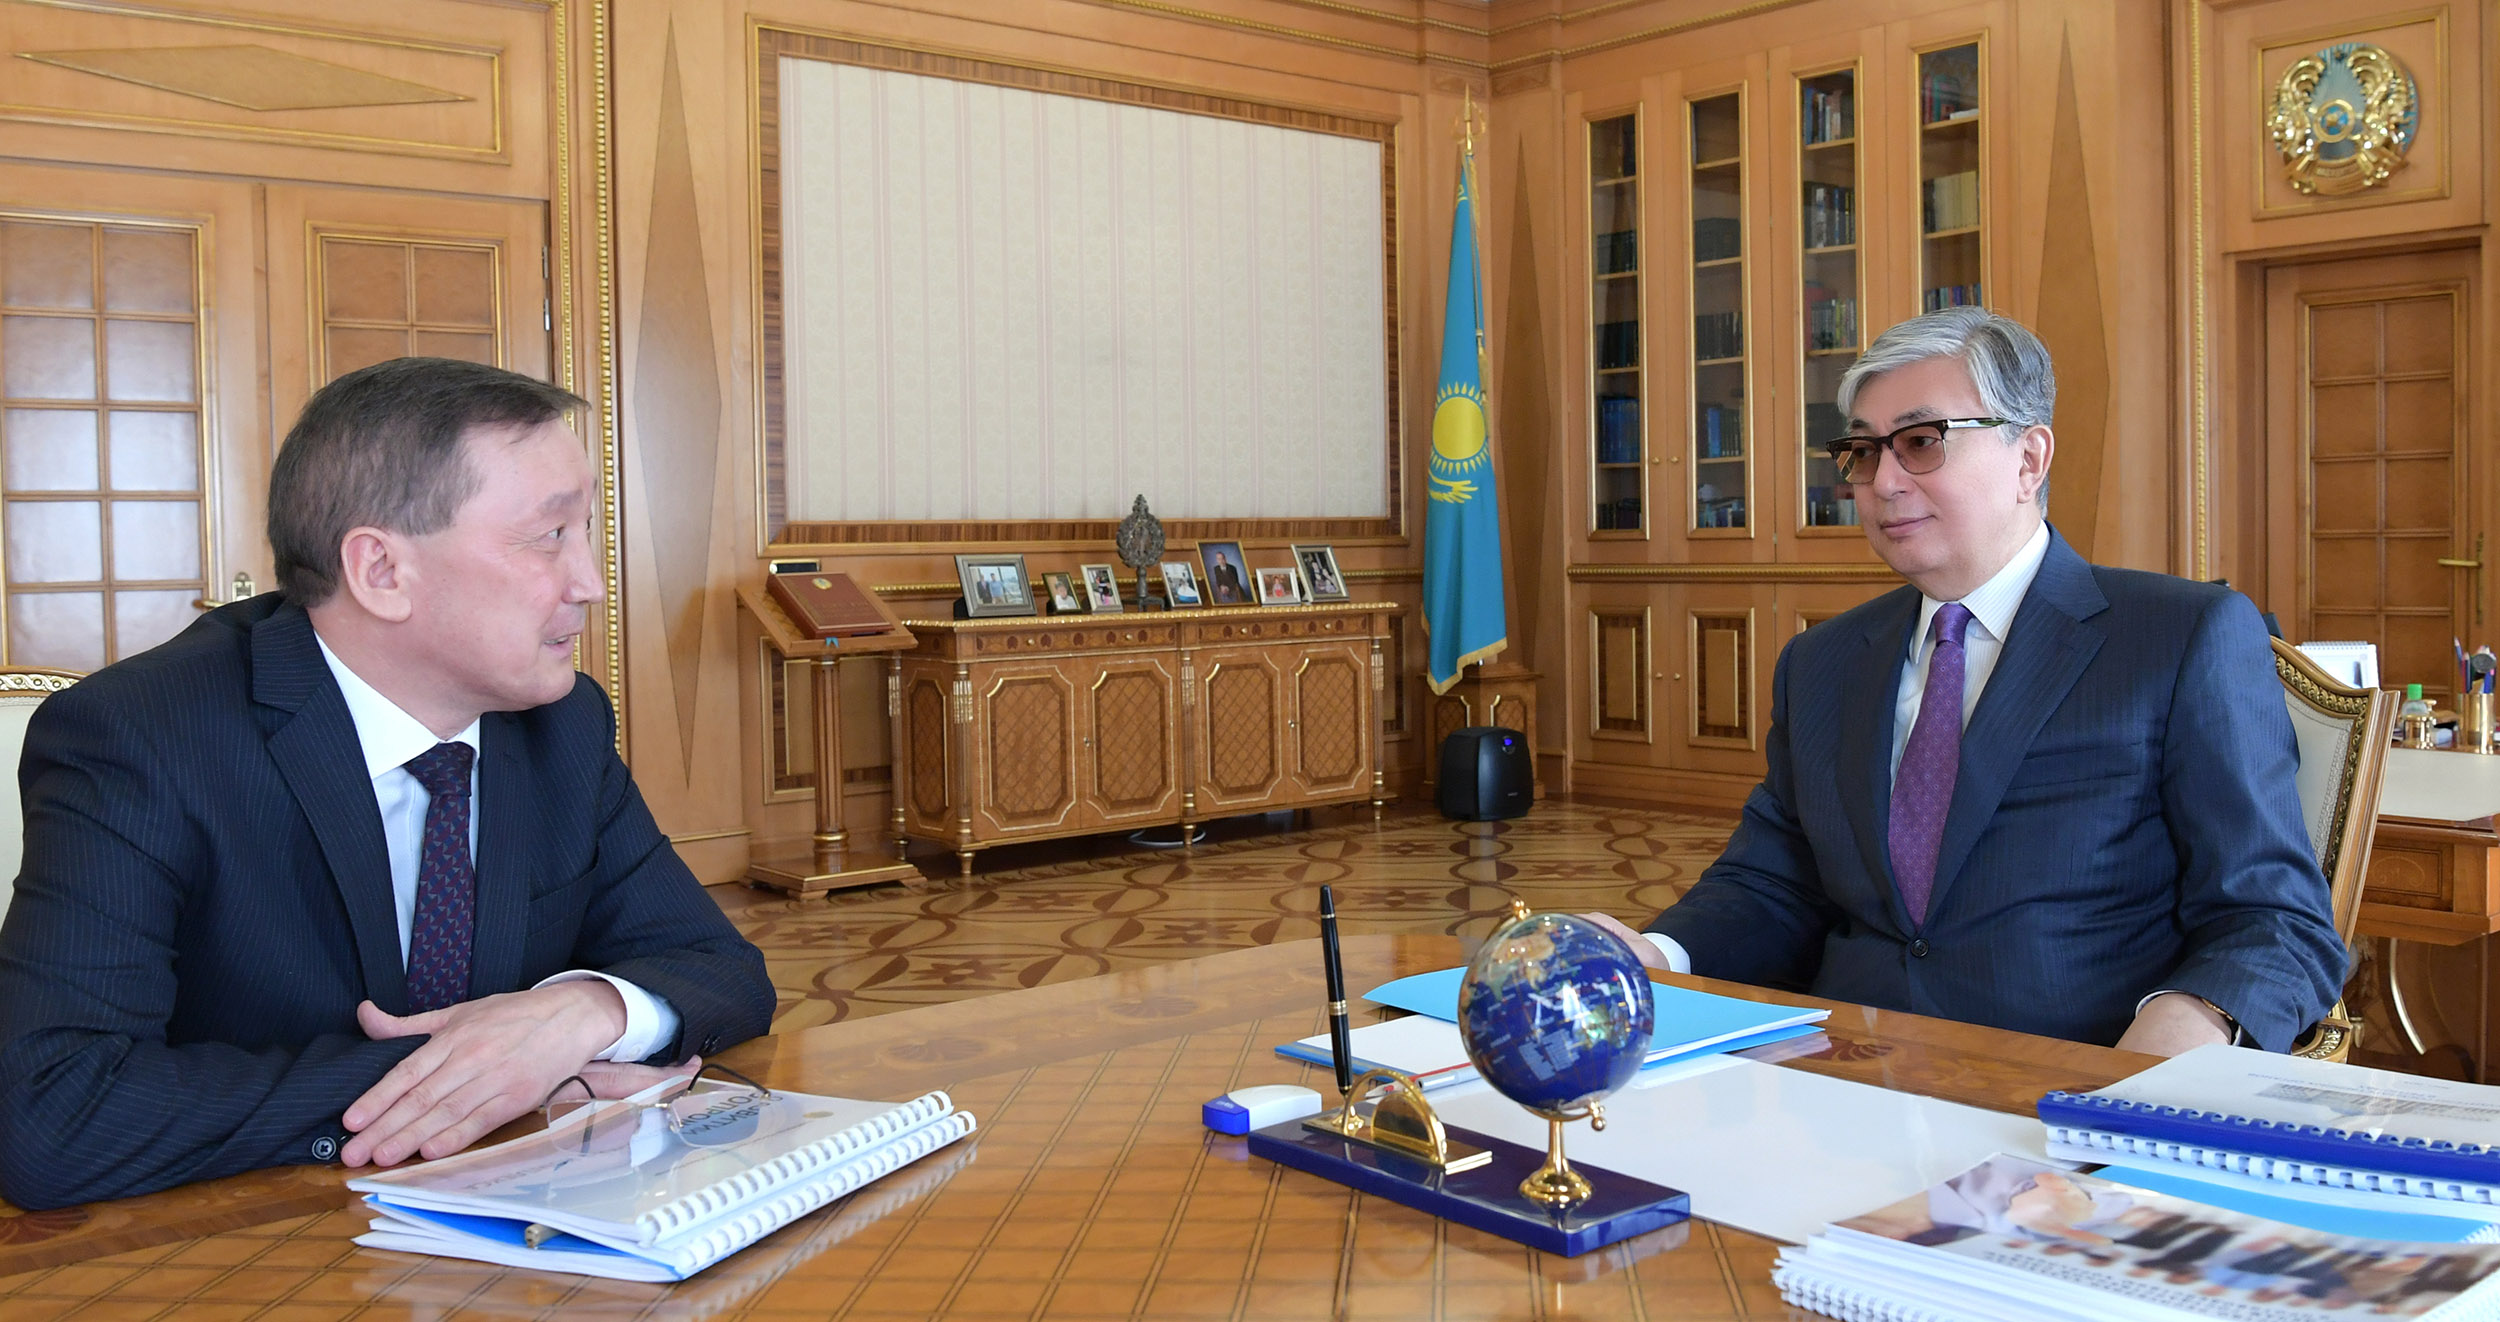 Касым-Жомарт Токаев указал на необходимость увеличения темпов обновления сельхозтехники с 2% до 6%